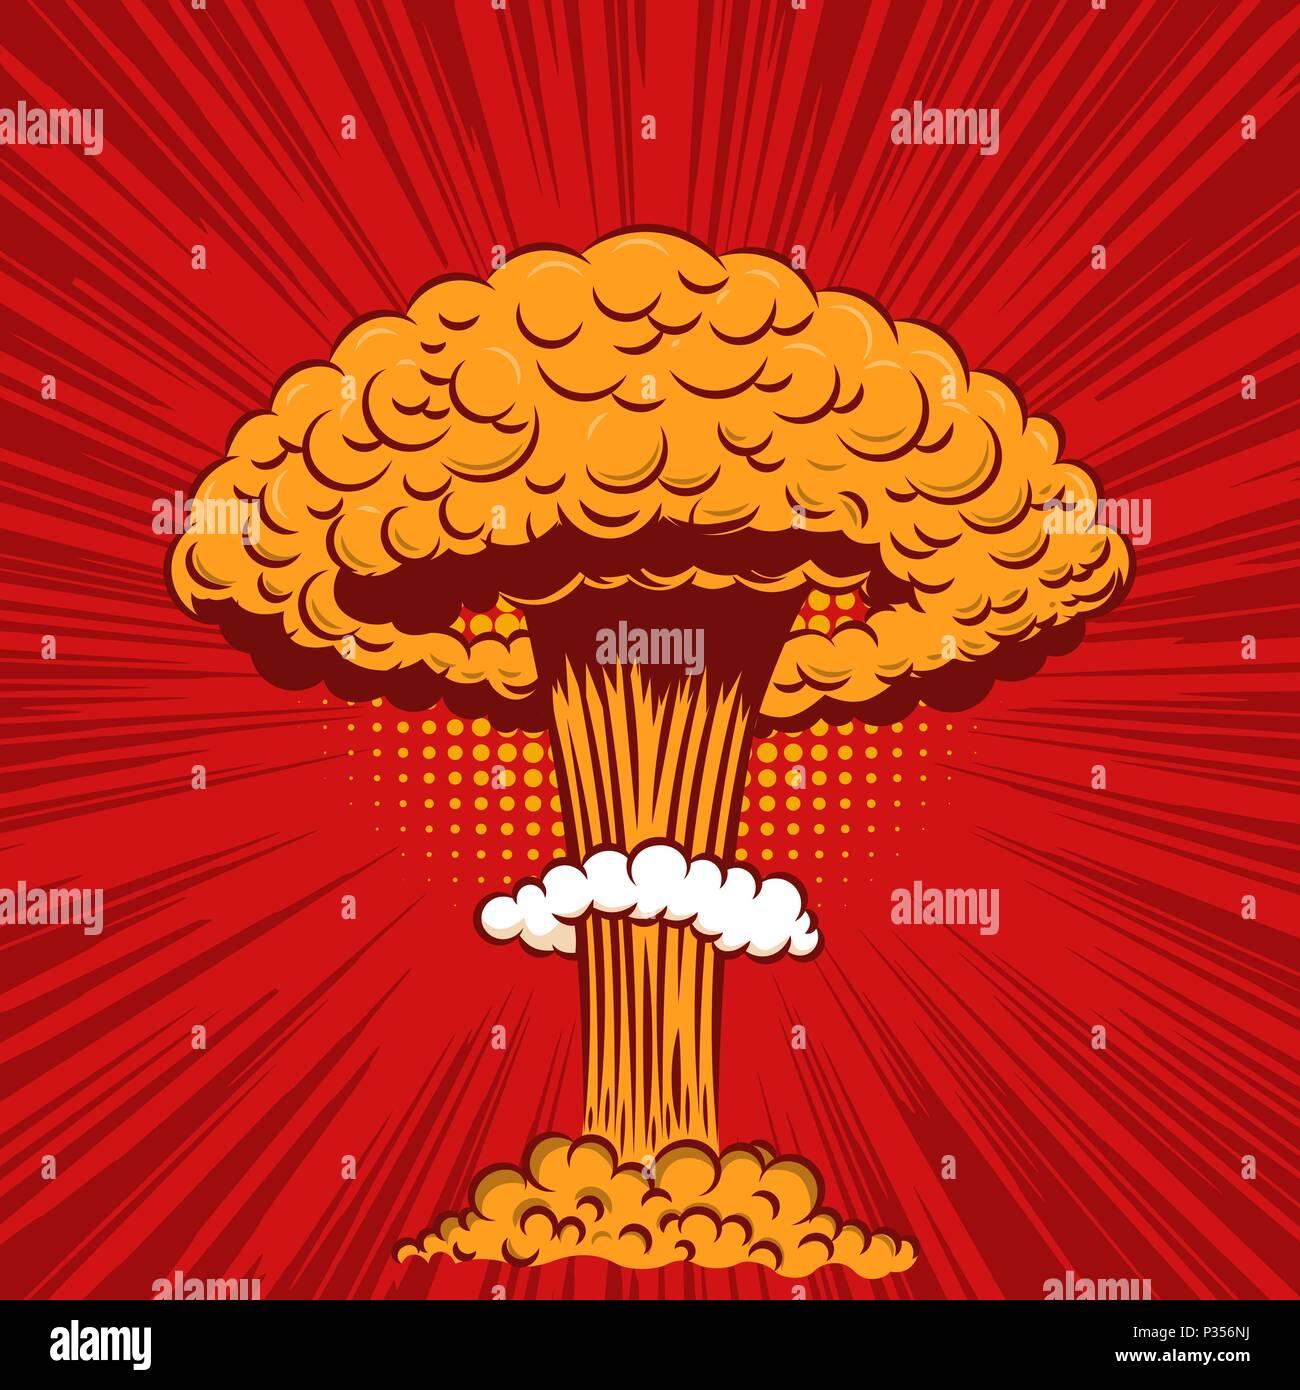 Le Style Comique Explosion Nucleaire Sur Fond De Pop Art Lelement Conception Pour Poster Carte Visite Banniere Flyer Vector Illustration